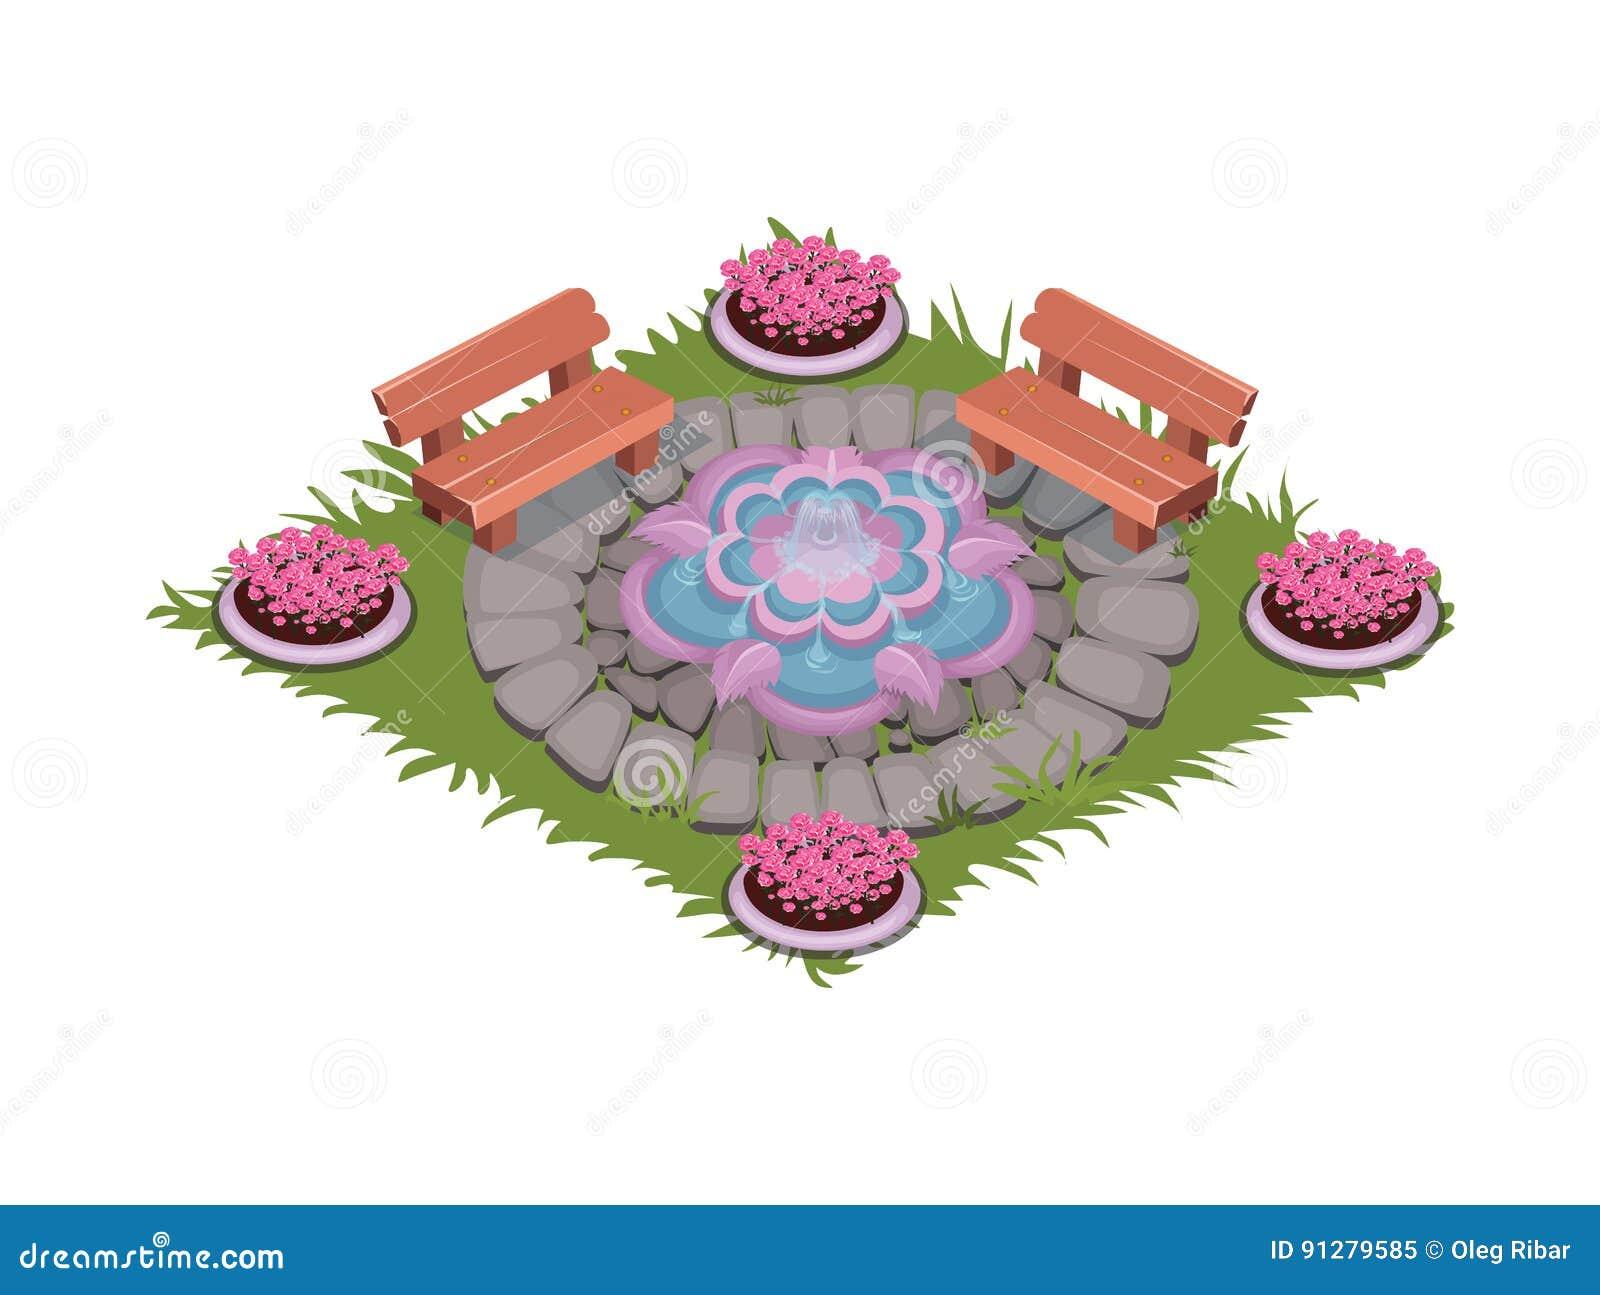 Isometrisk tecknad film stenlagd fyrkantig uteplats med springbrunnen, bänkar och blomsterrabatter